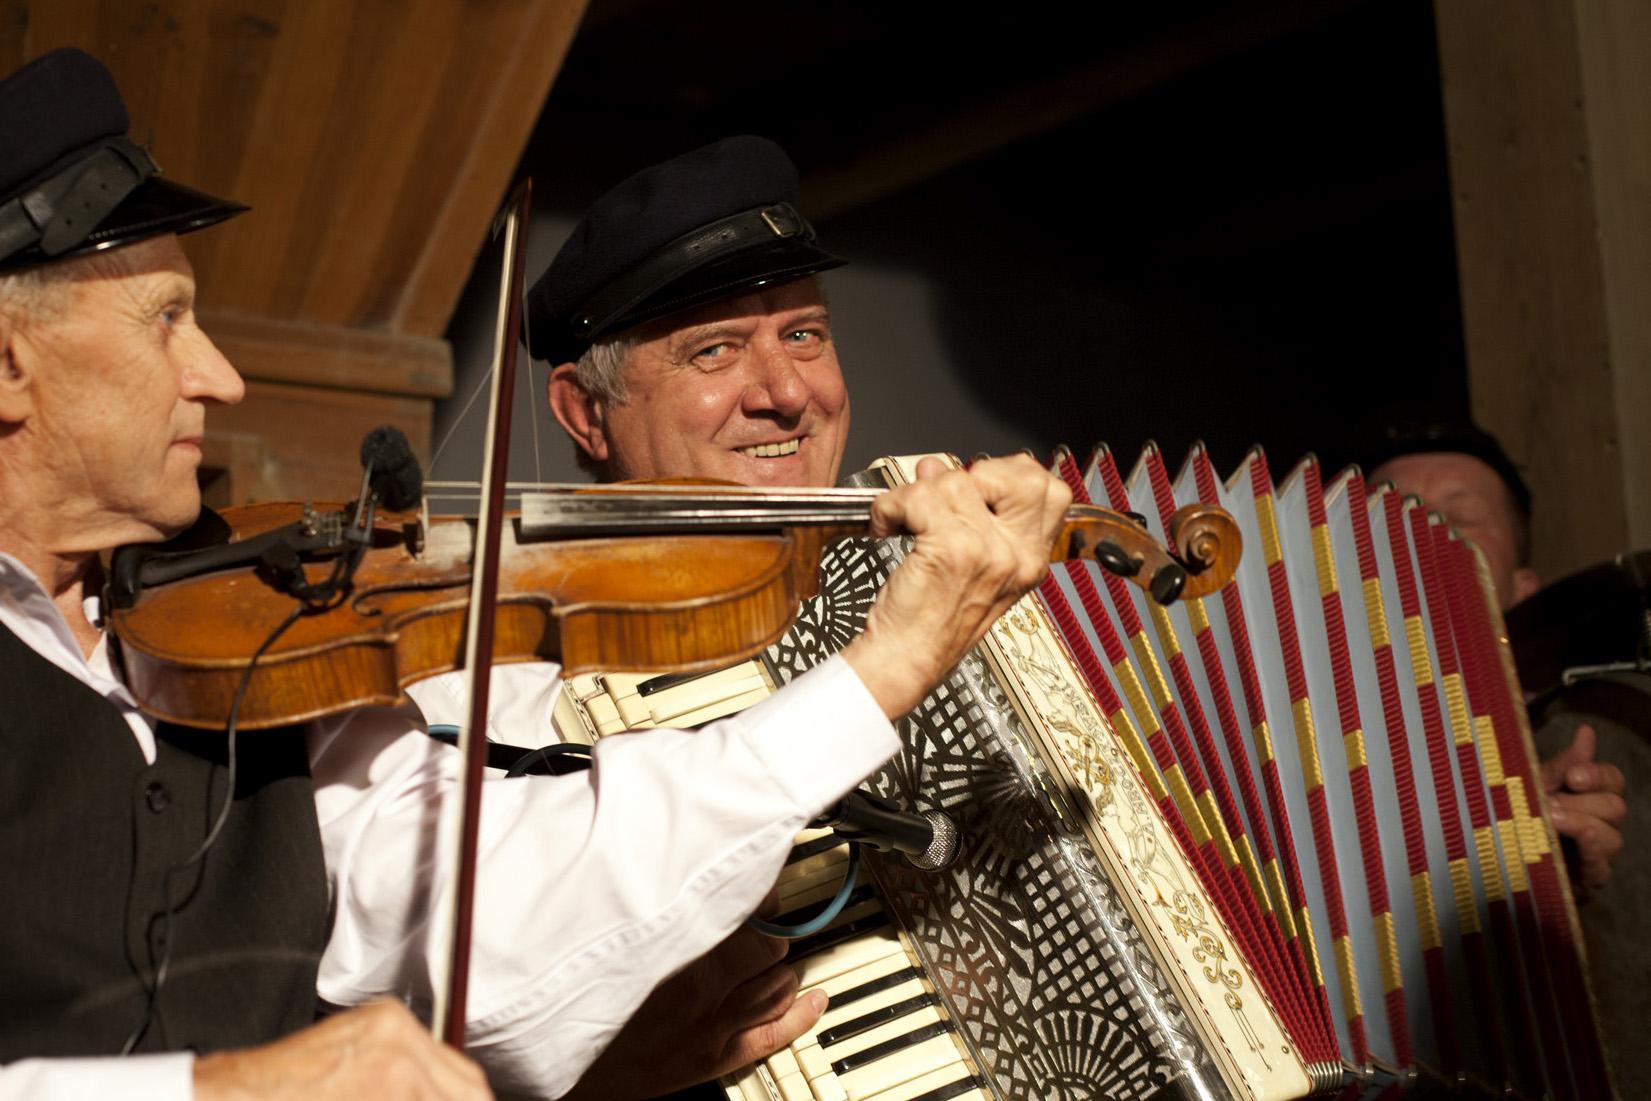 Jan Skrętowski, Henryk Gwiazda, Młyn Harmonistów 2016. Fot. Stanisław Strelnik. Licencja CC-BY-NC-ND